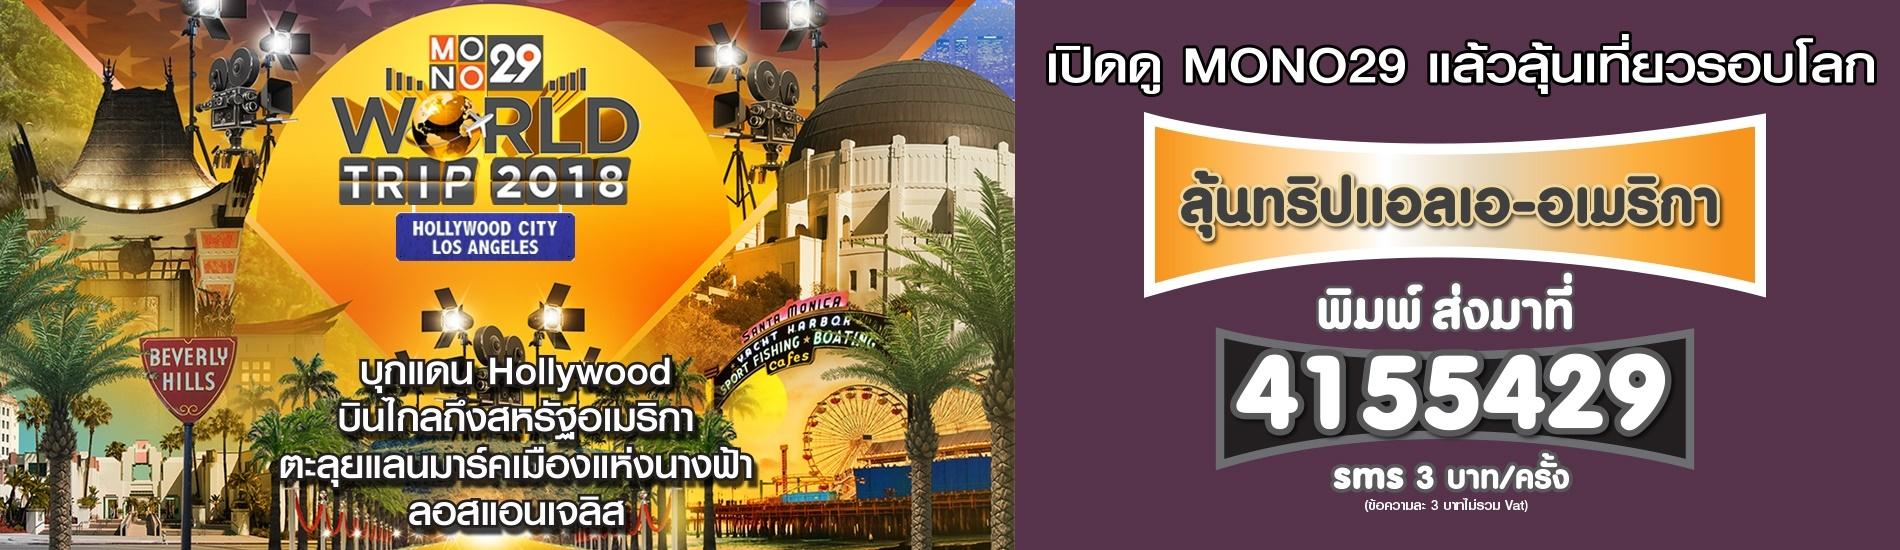 """กิจกรรม """"MONO29 WORLD TRIP 2018 : Hollywood City Los Angeles"""""""